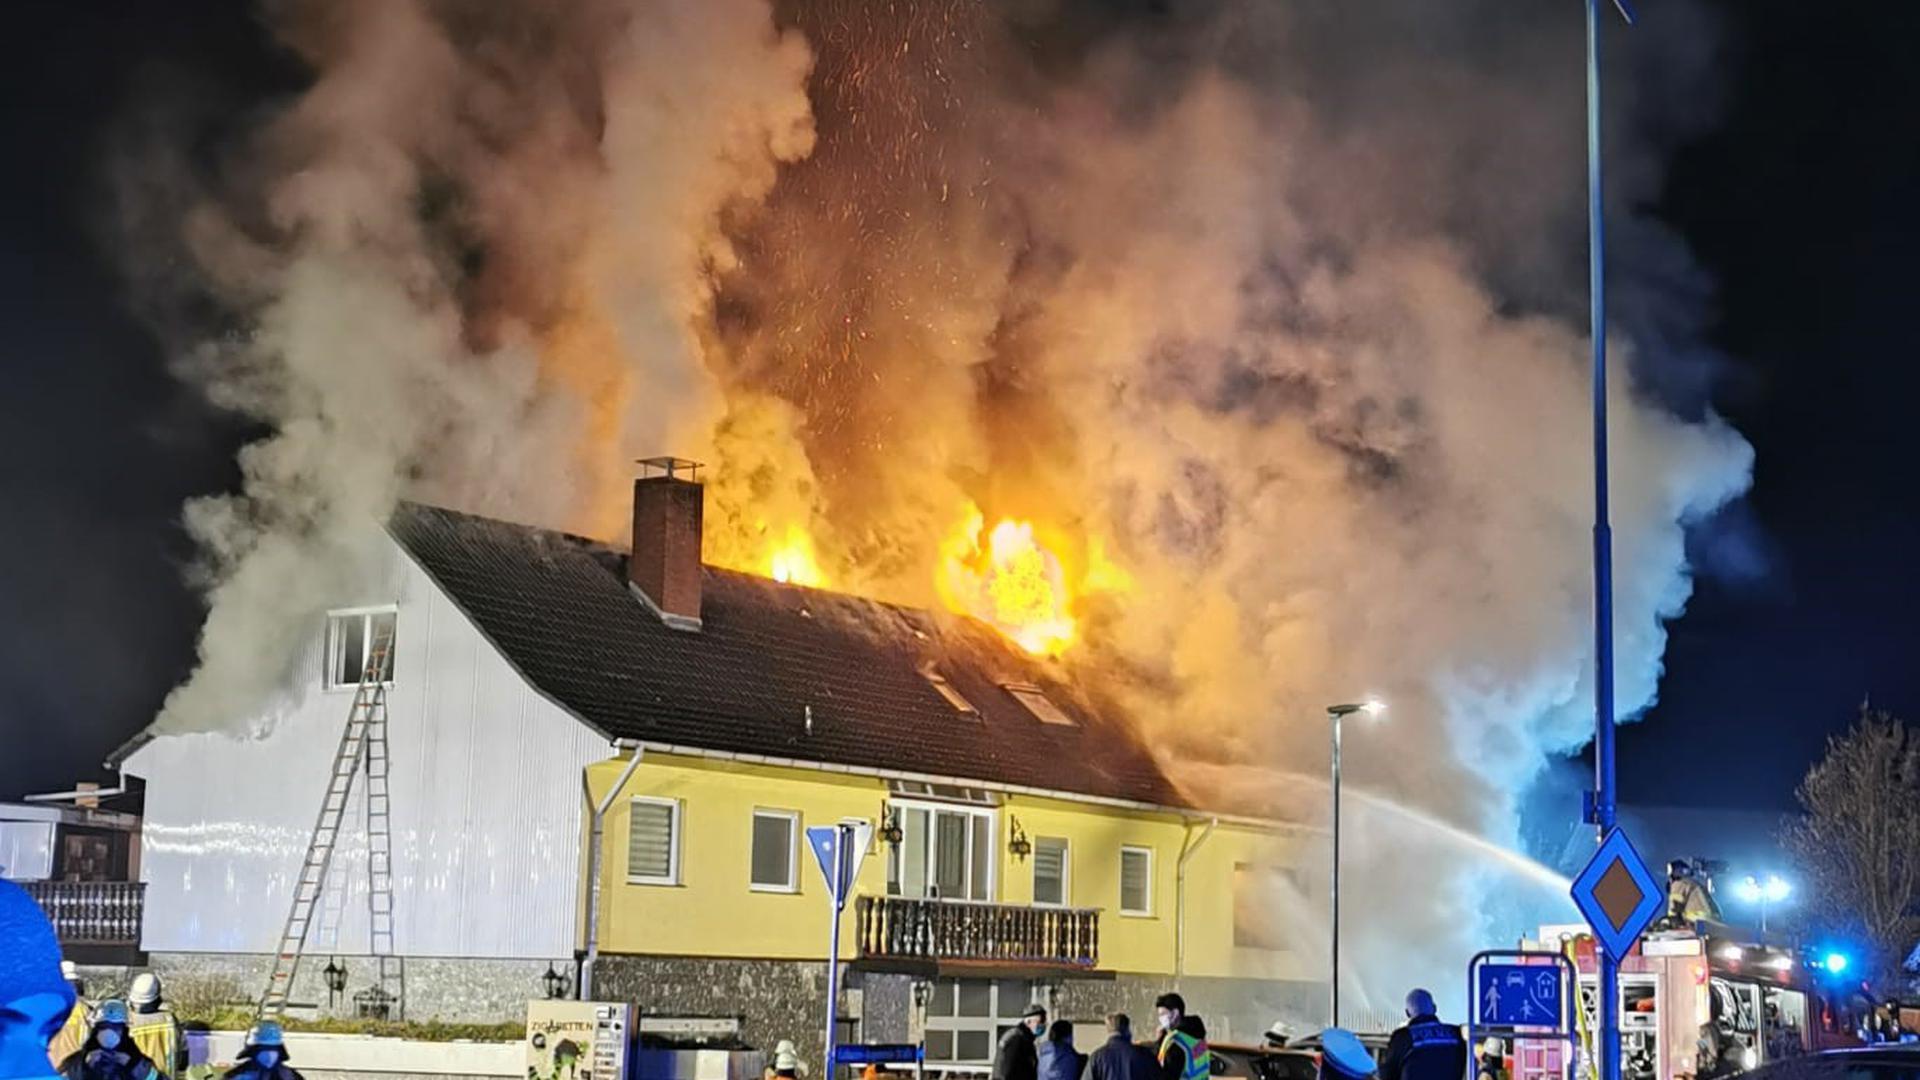 Flammen lodern aus einem Haus. Davor Schaulustige und Einsatzkräfte.